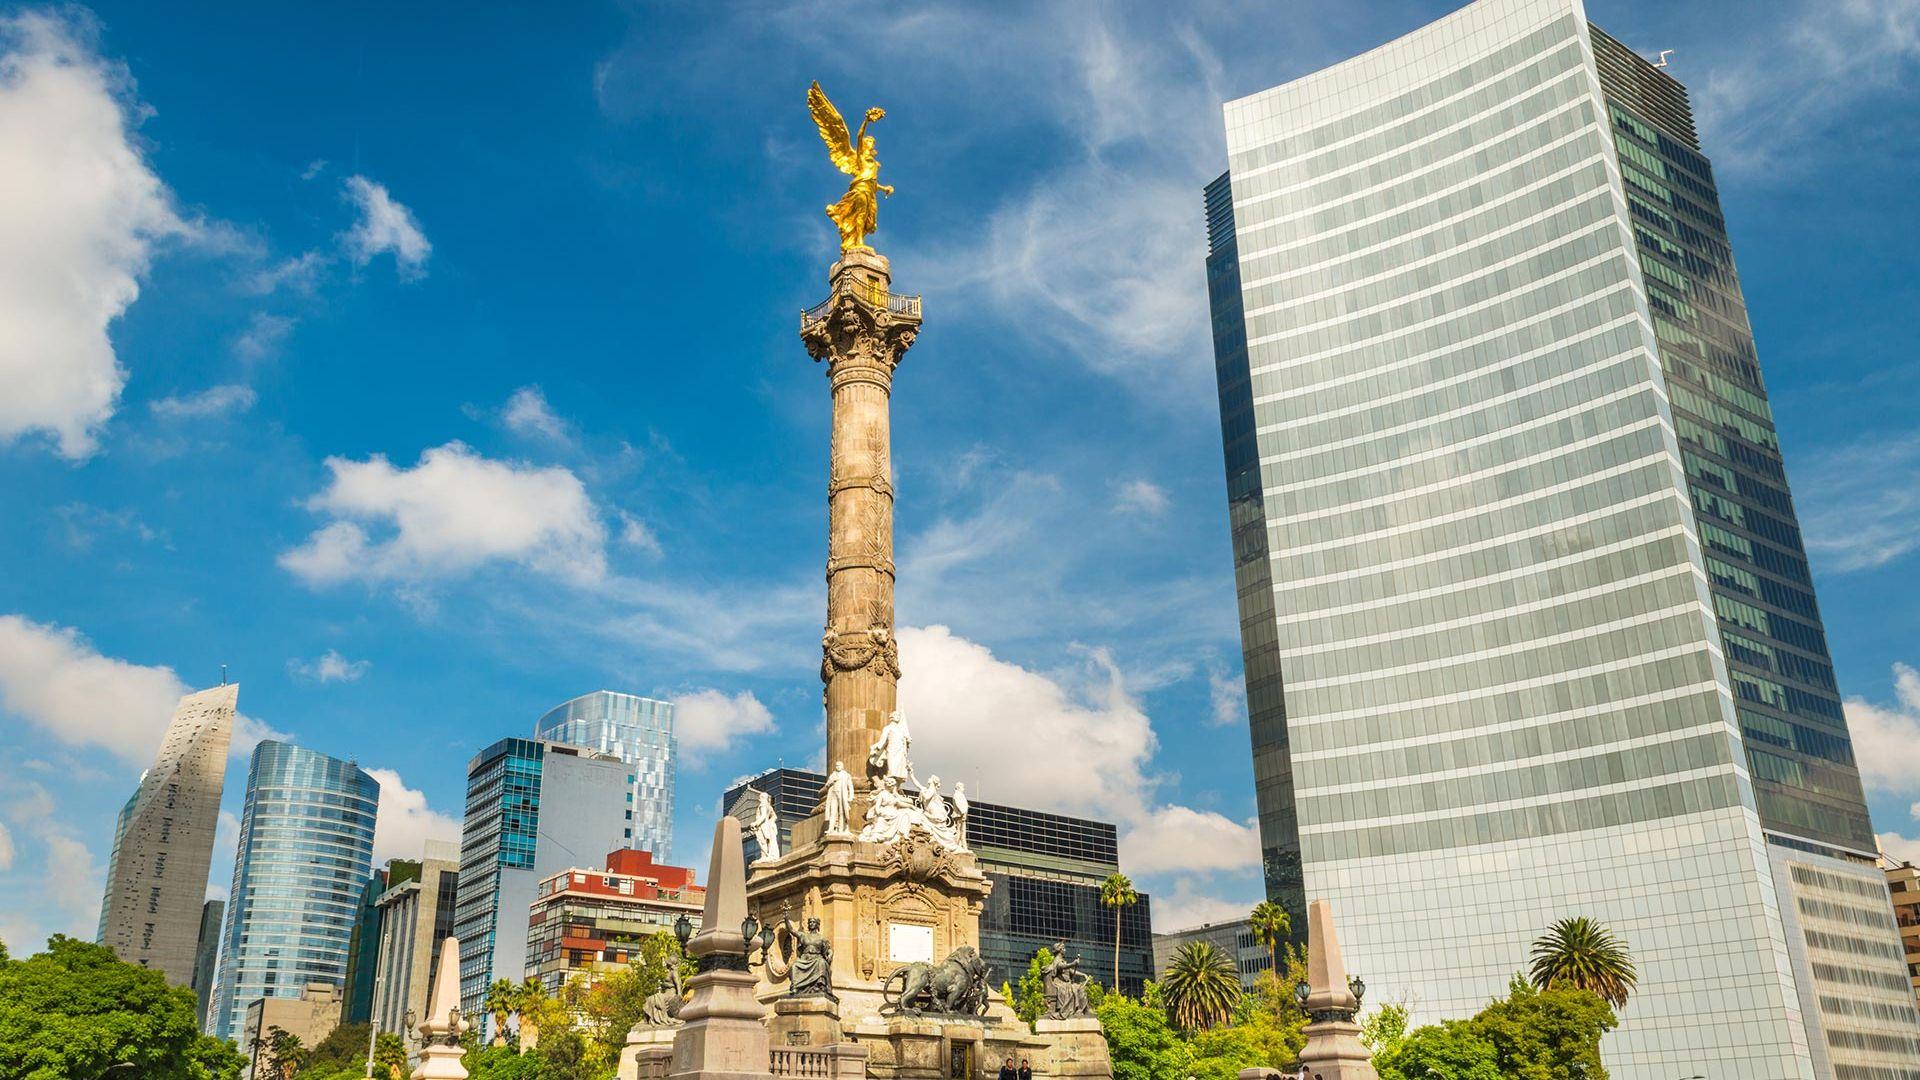 Circuit de grup - Experience Mexico, 16 zile - noiembrie 2021 - cu Andreea Maftei